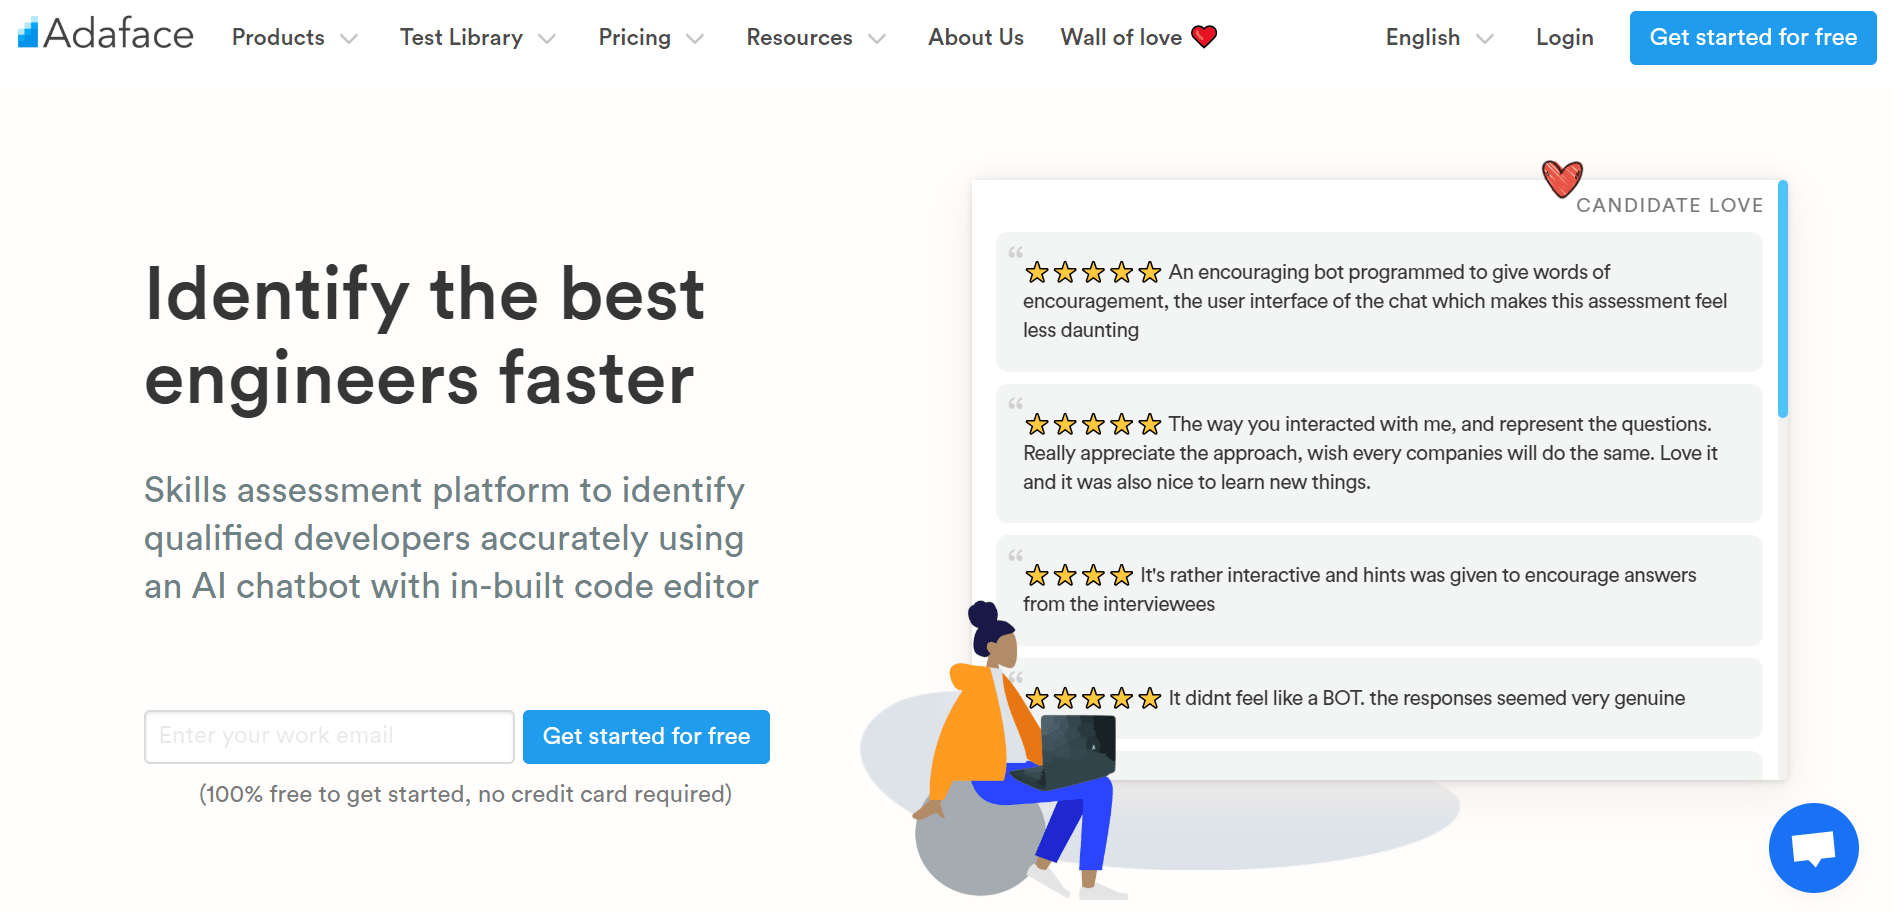 Adaface homepage